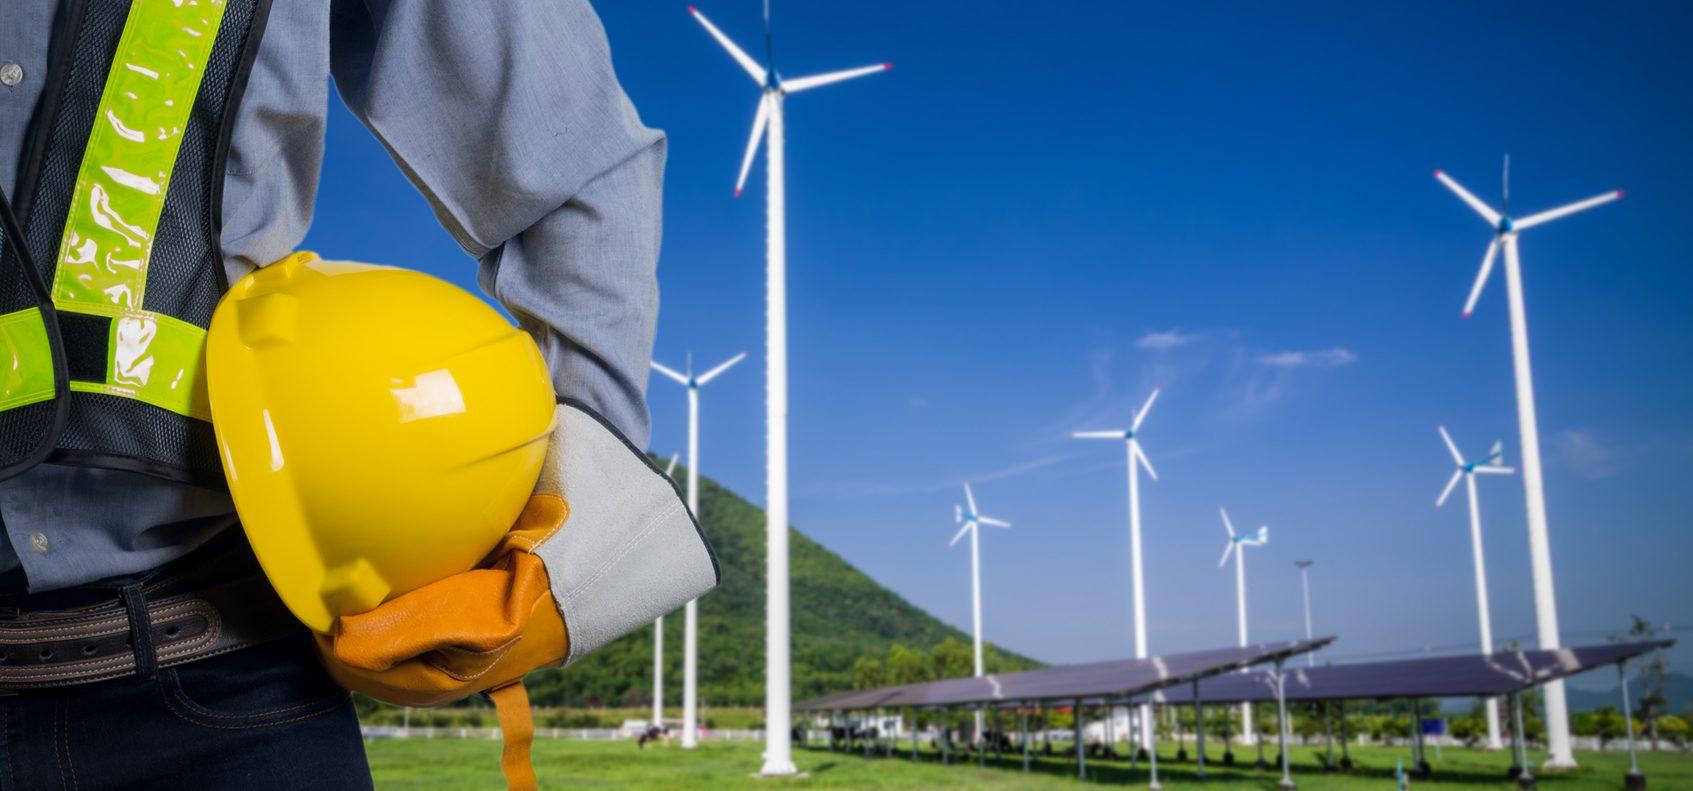 El Estudio trata de arrojar luz sobre los costes y beneficios que las energías renovables aportan a nuestra economía